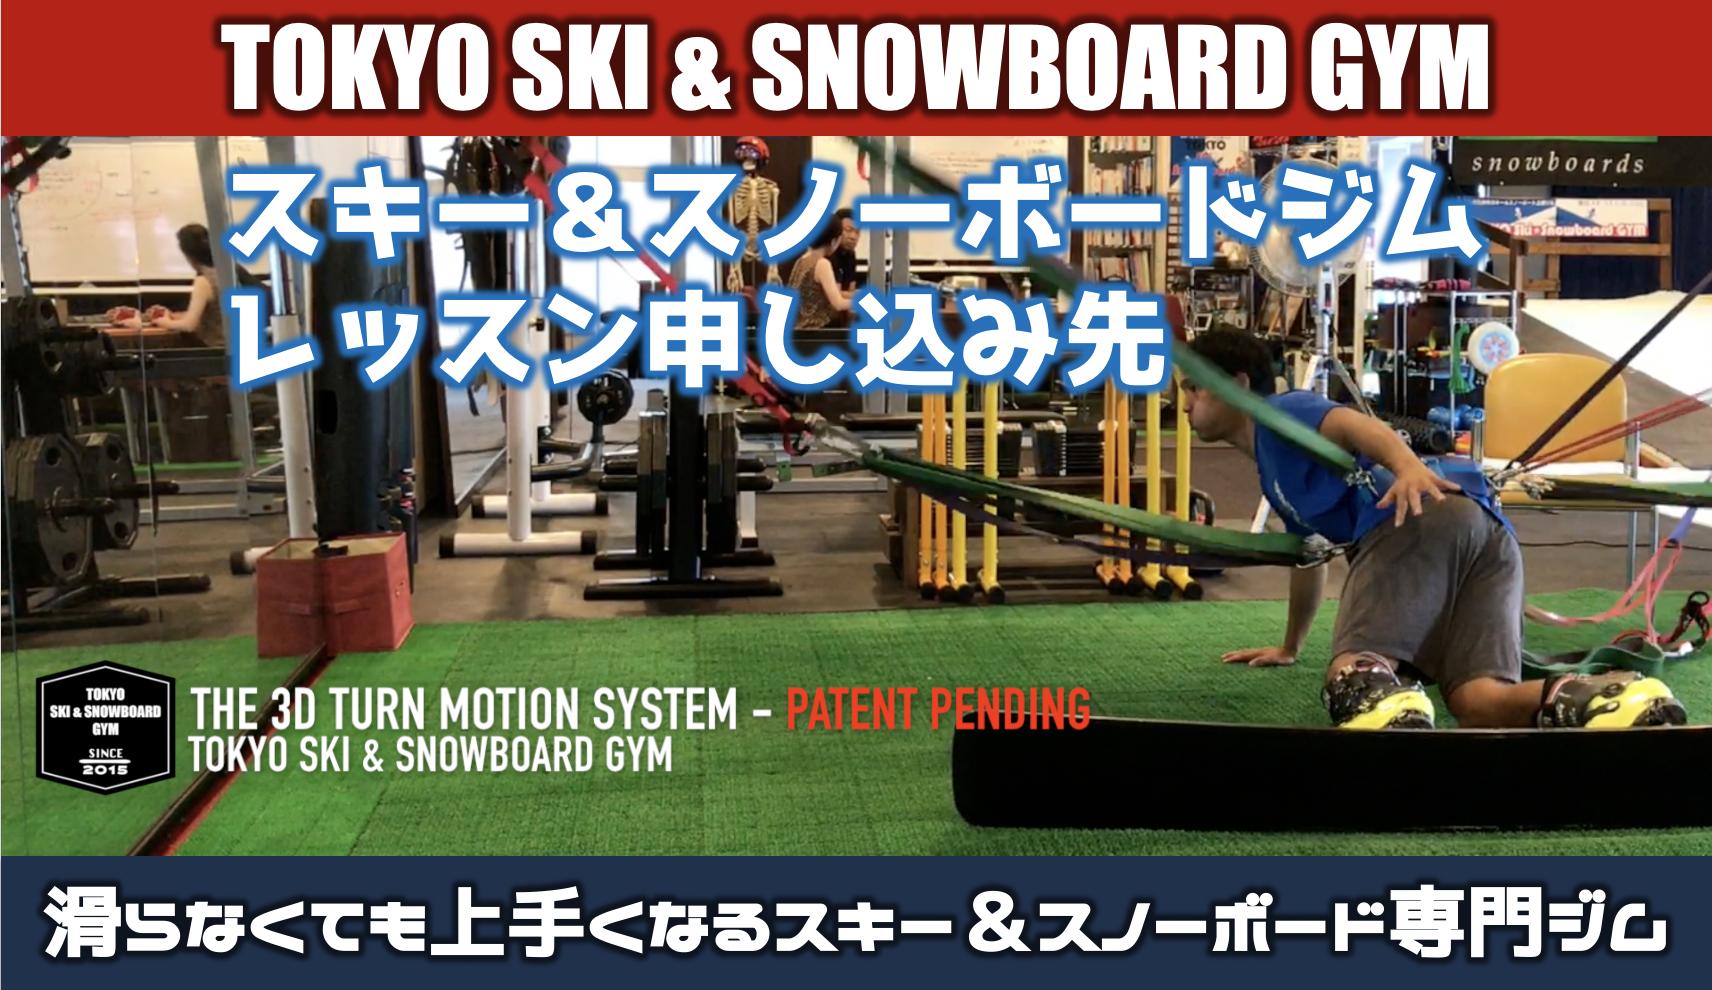 スキー&スノーボードジムレッスン申し込み